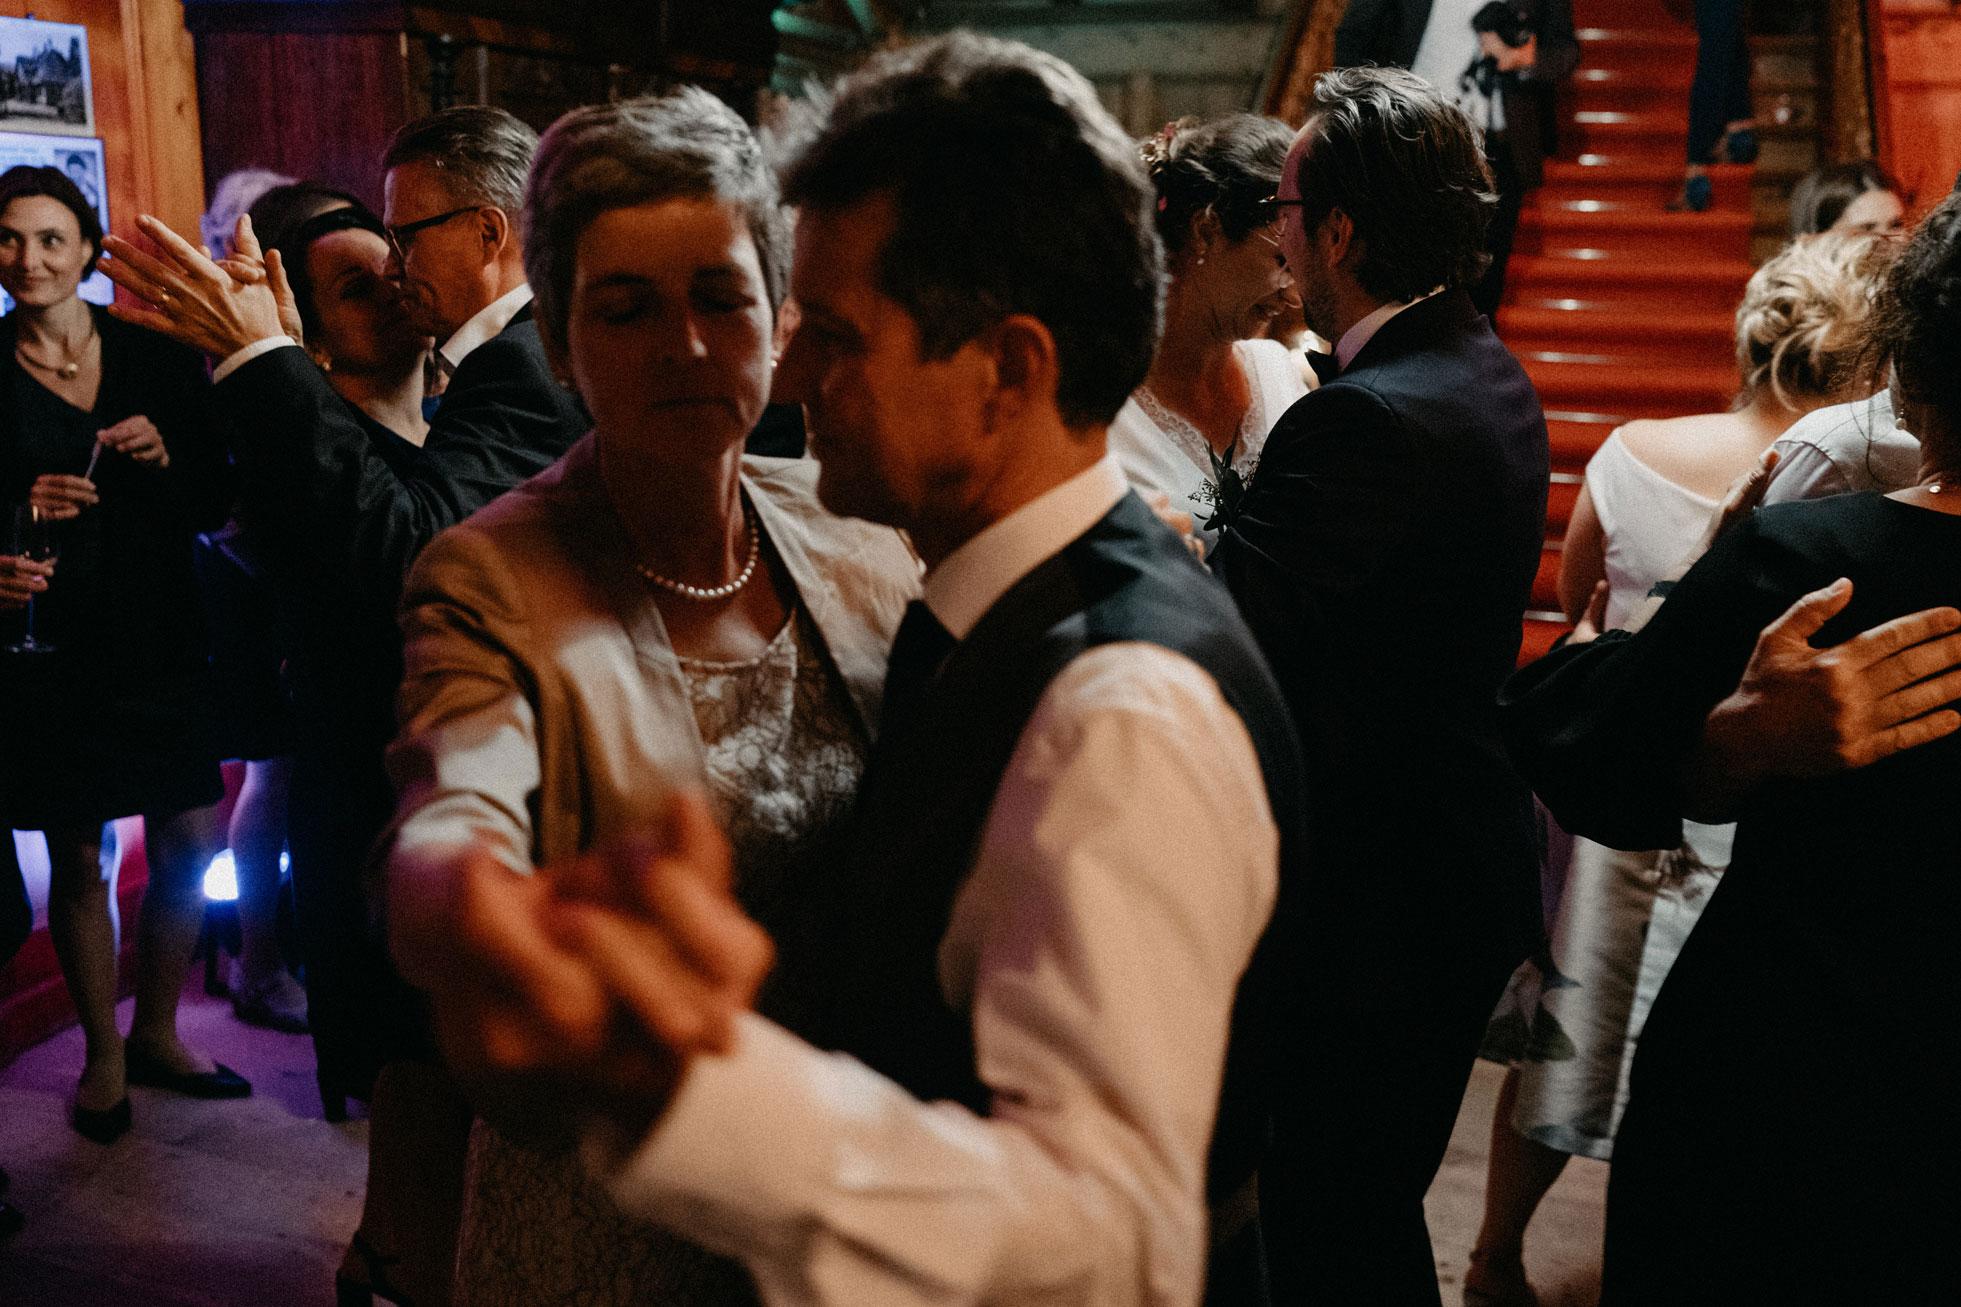 Hochzeit_Claire_Manuel_Villa_Maund_Daniel_Jenny-580.jpg